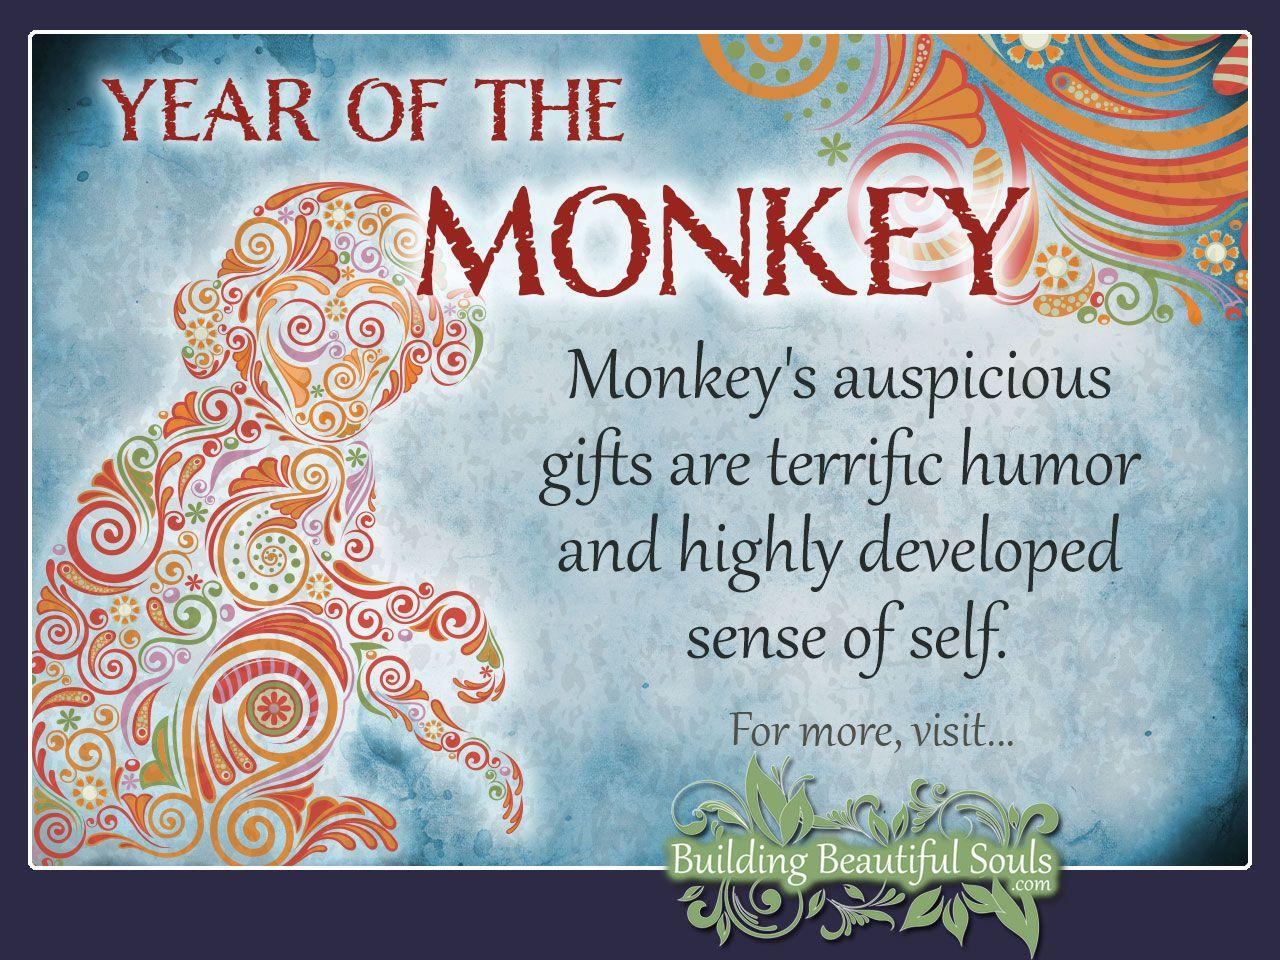 Chinese Zodiac Monkey Chinese Zodiac Signs Year Of The Monkey Chinese Zodiac